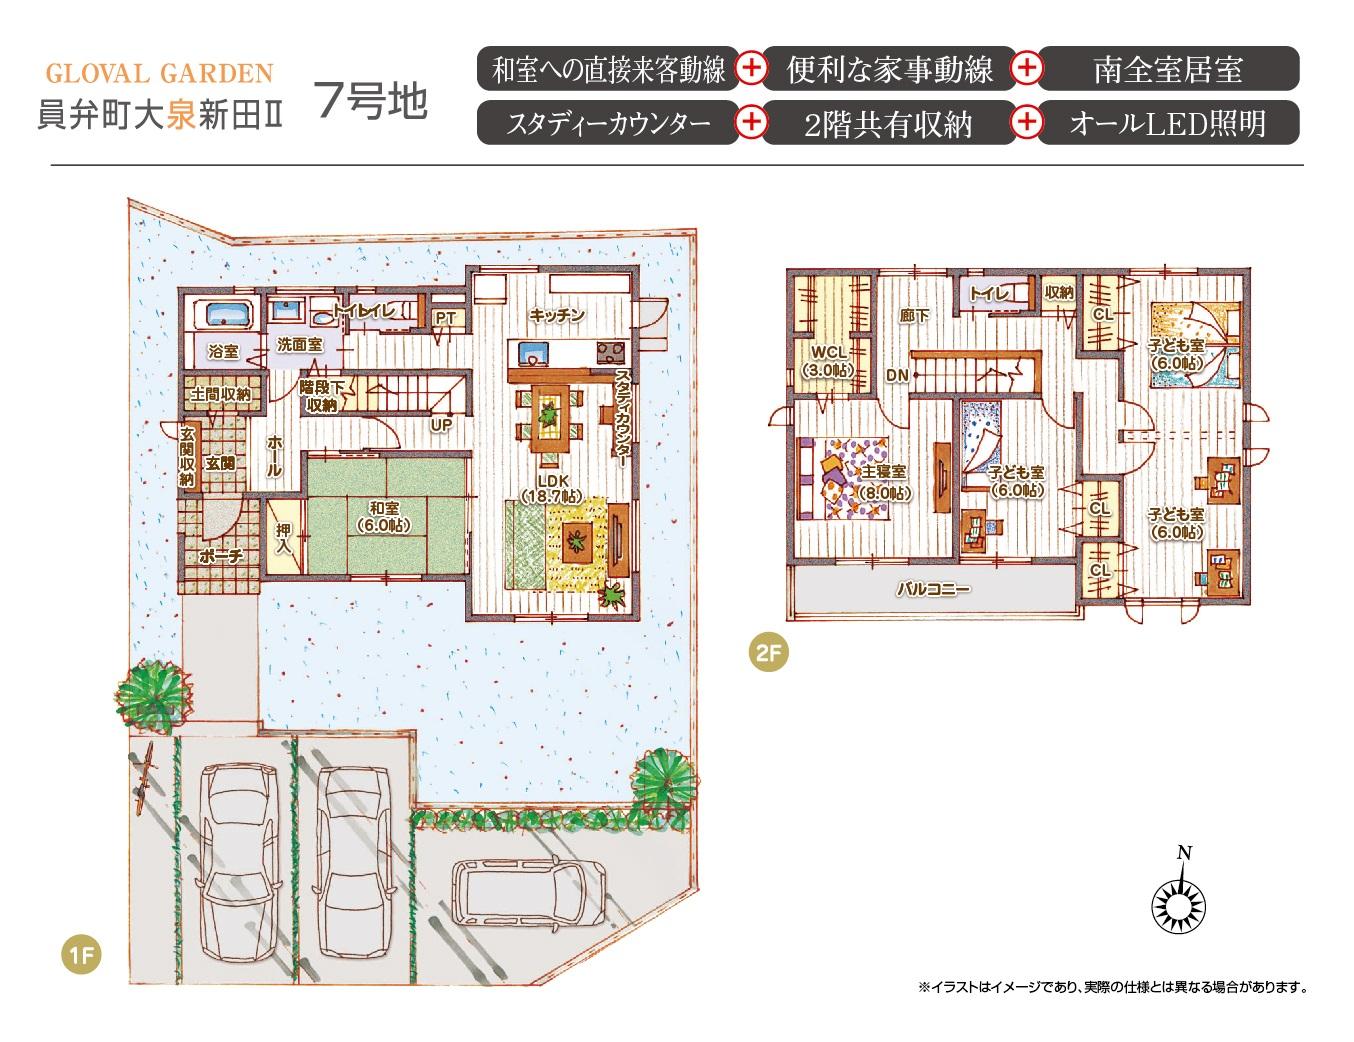 グローバルガーデン員弁町大泉新田Ⅱ7号地